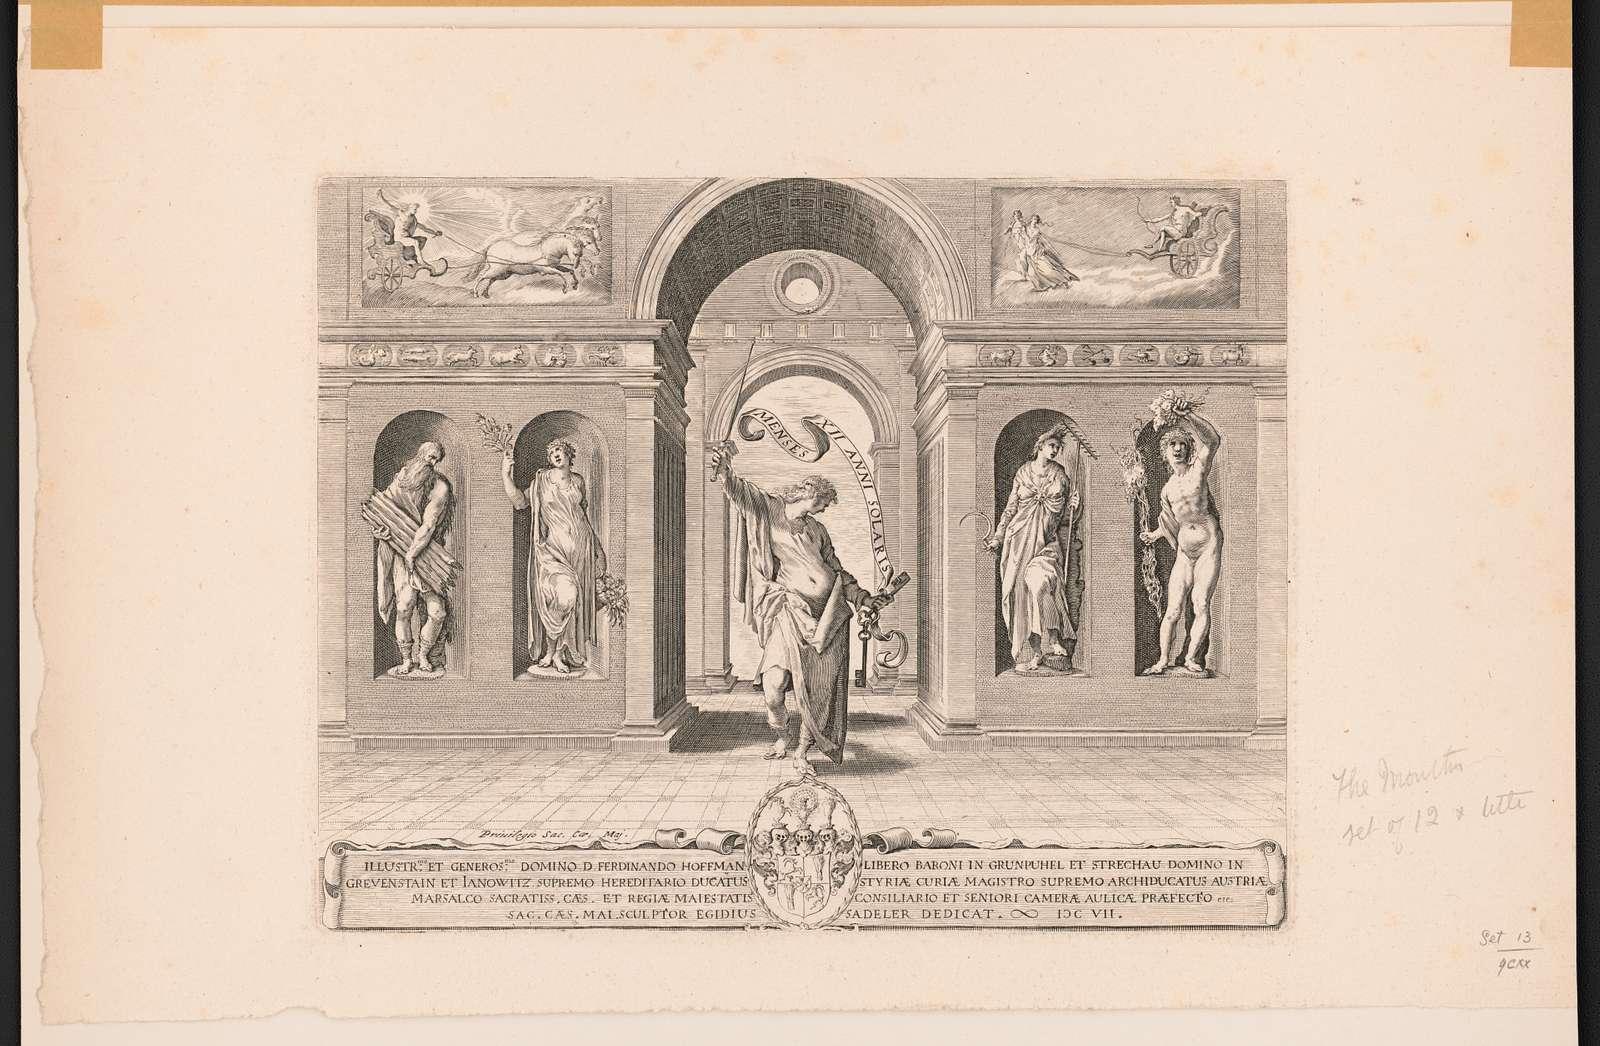 Menses XII anni solaris Egidius Sadeler